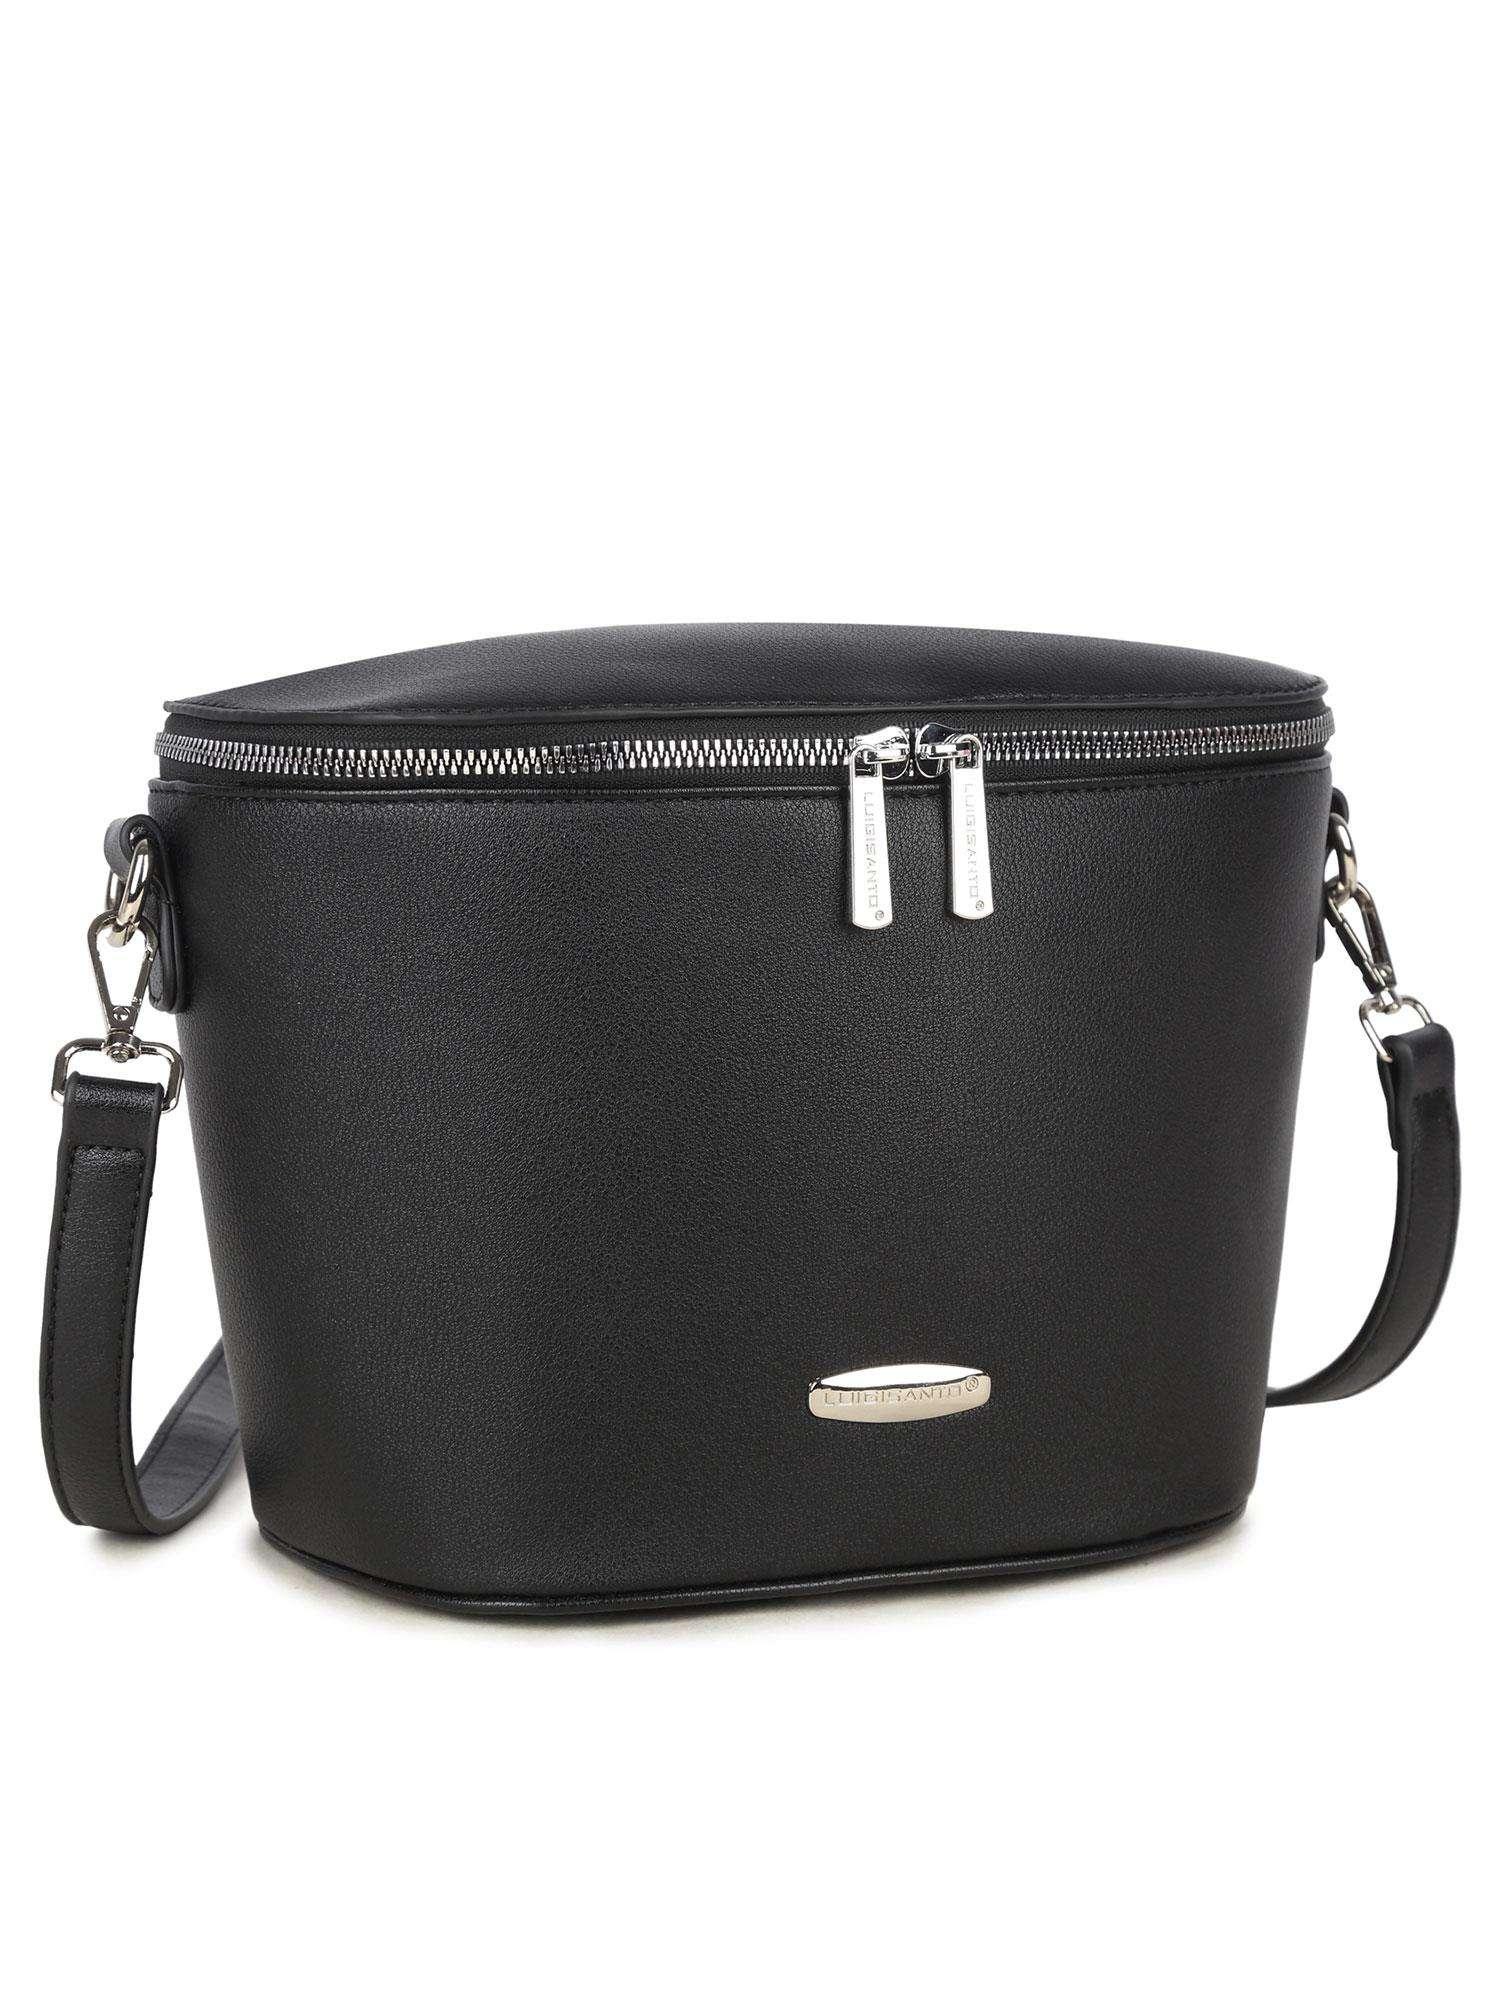 Dámska čierna kabelka na zips - UNI